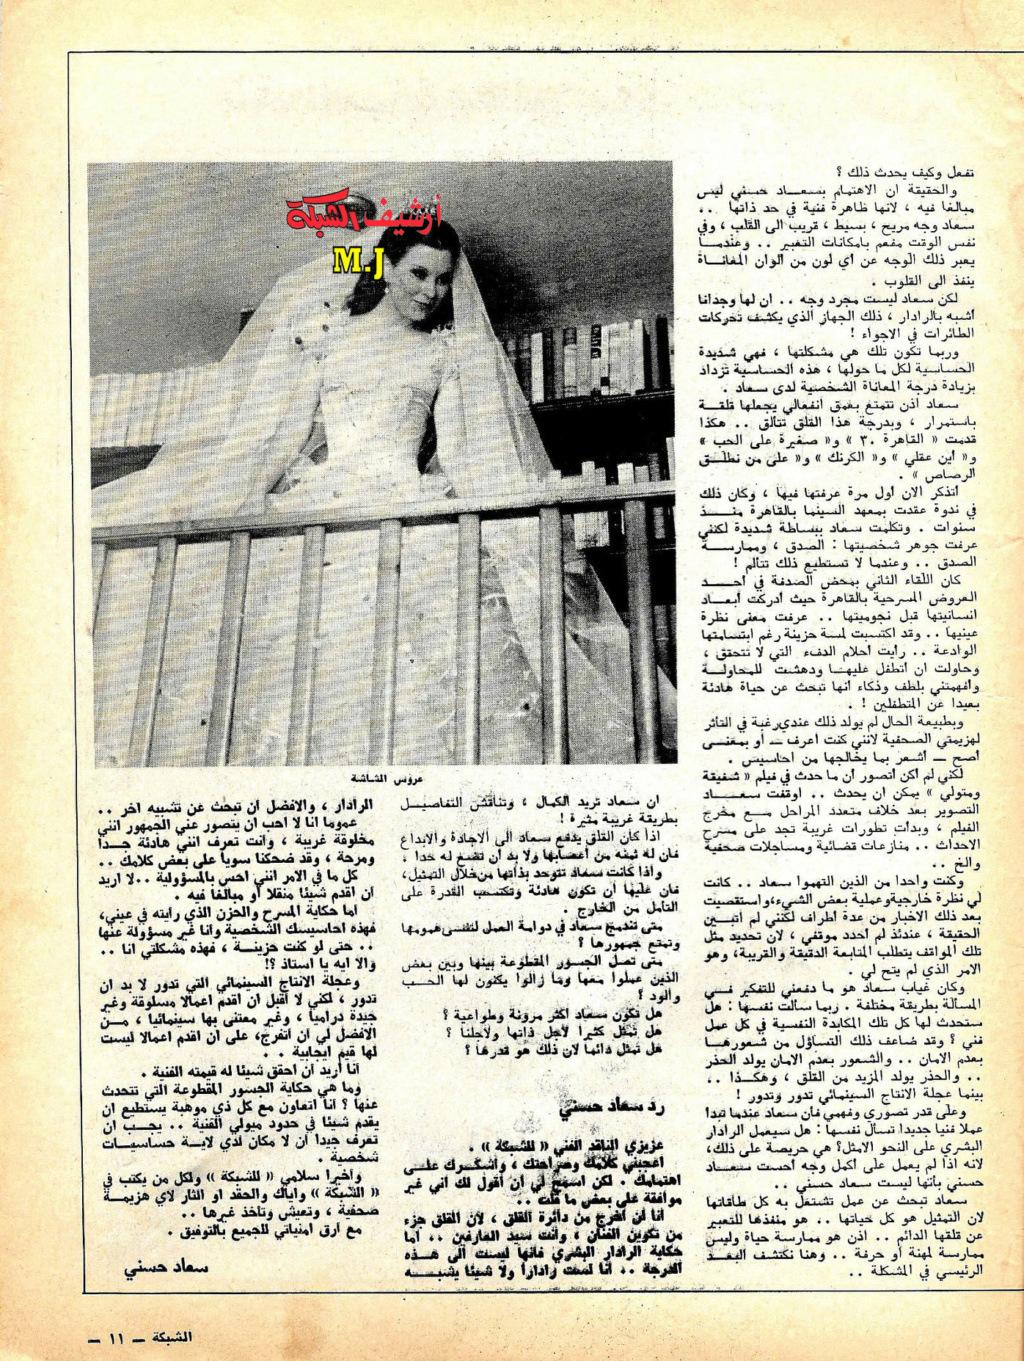 حوار صحفي : ناقد الشبكة يعالج سعاد حسني .. وسعاد ترد عليه قبل النشر 1978 م 211